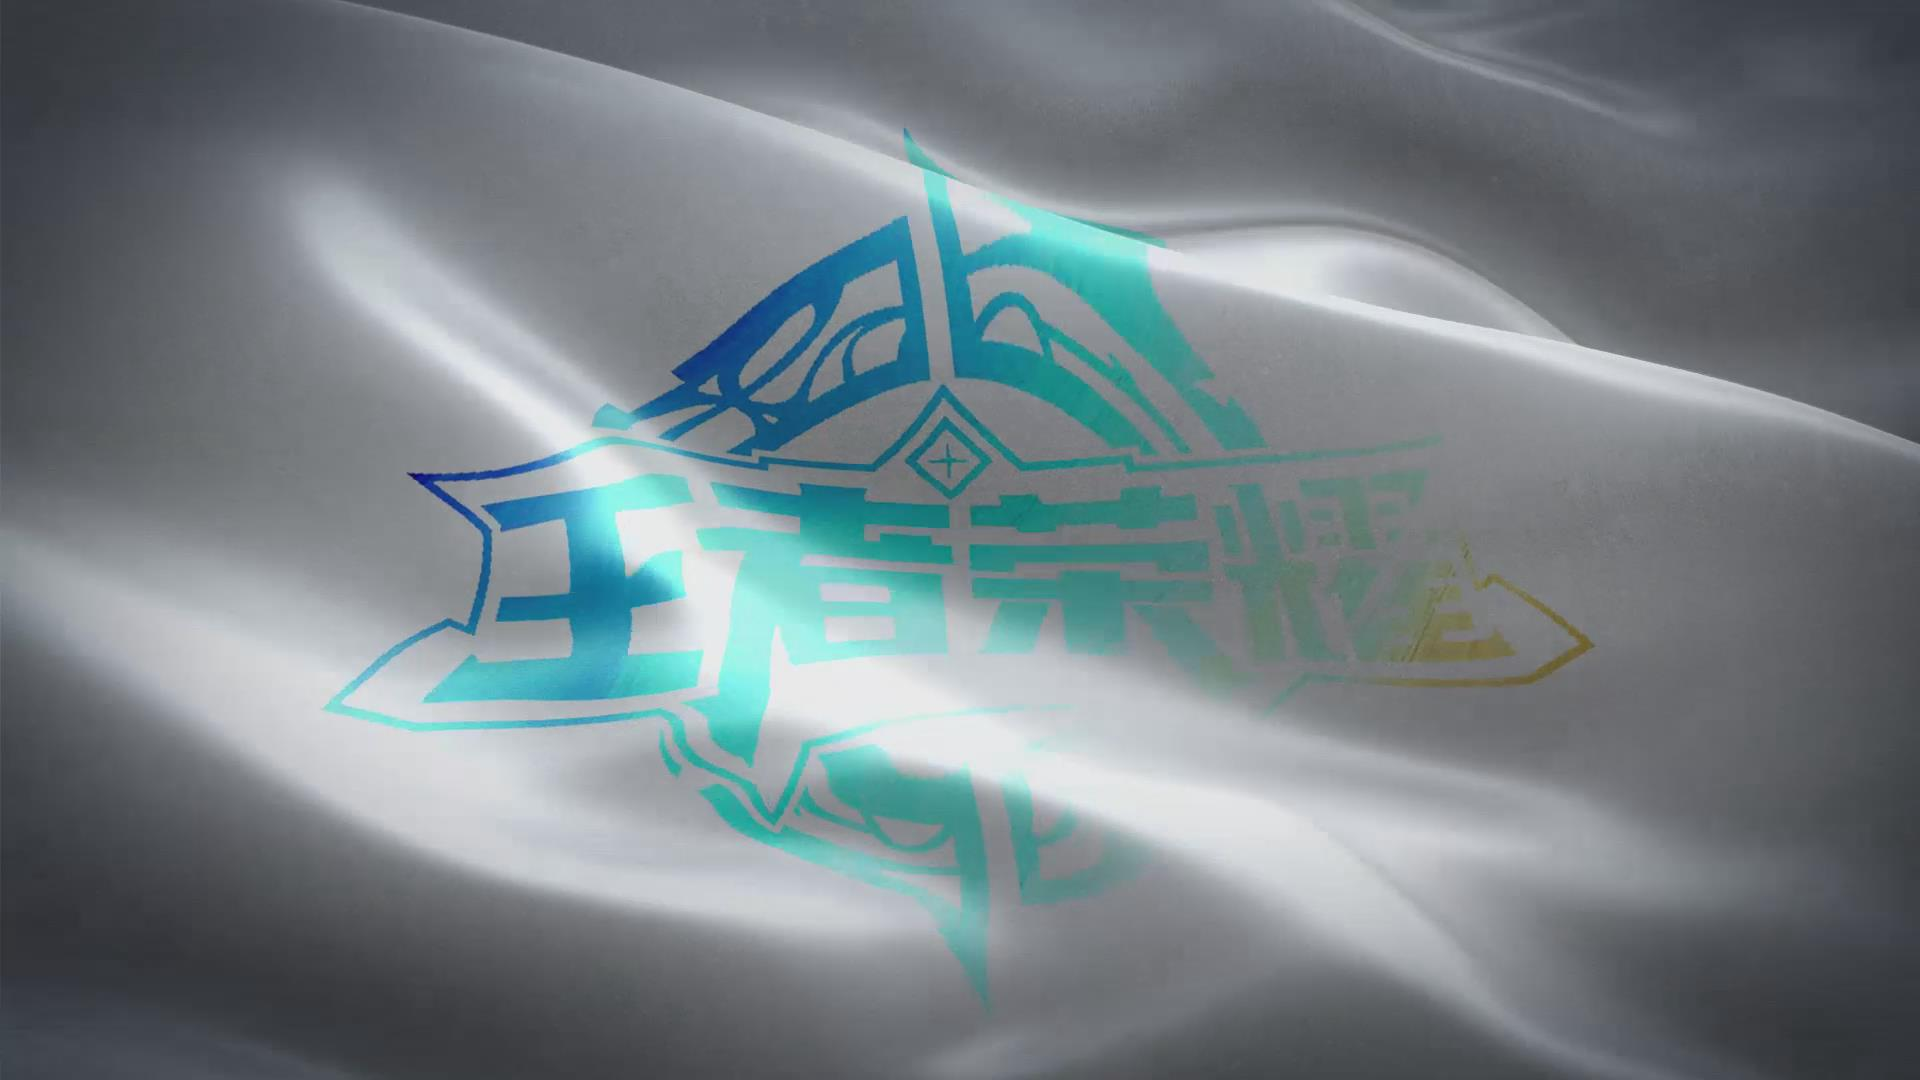 王者荣耀旗帜飘动视频动画